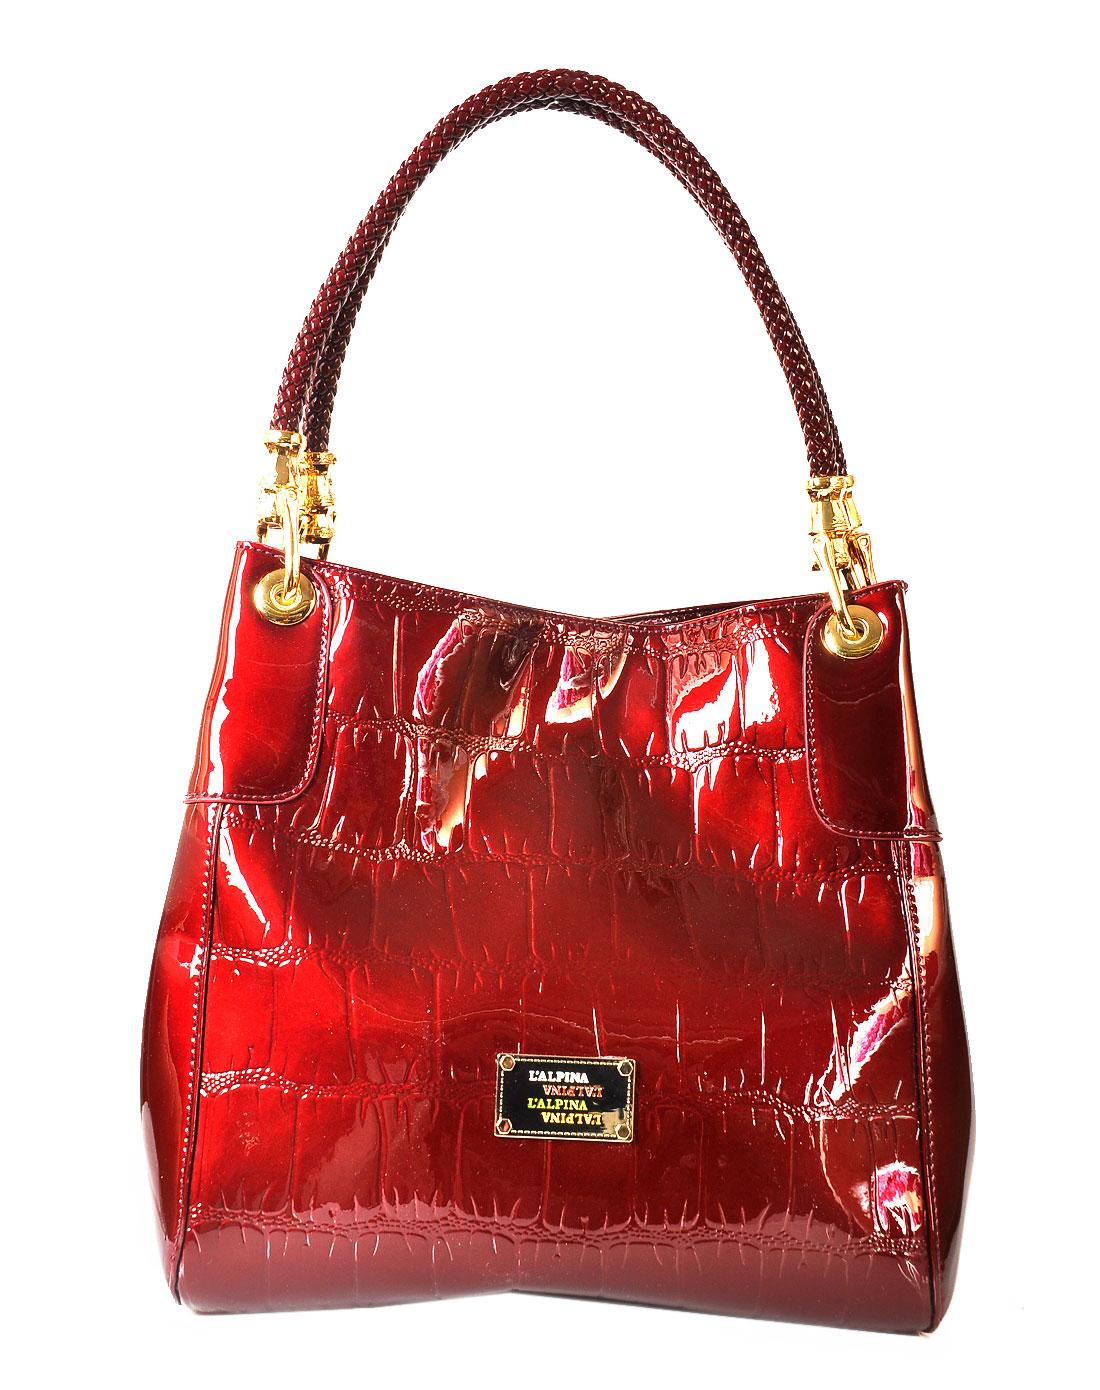 阿尔皮纳袋鼠女包女款酒红色手提包t803951122t1-38